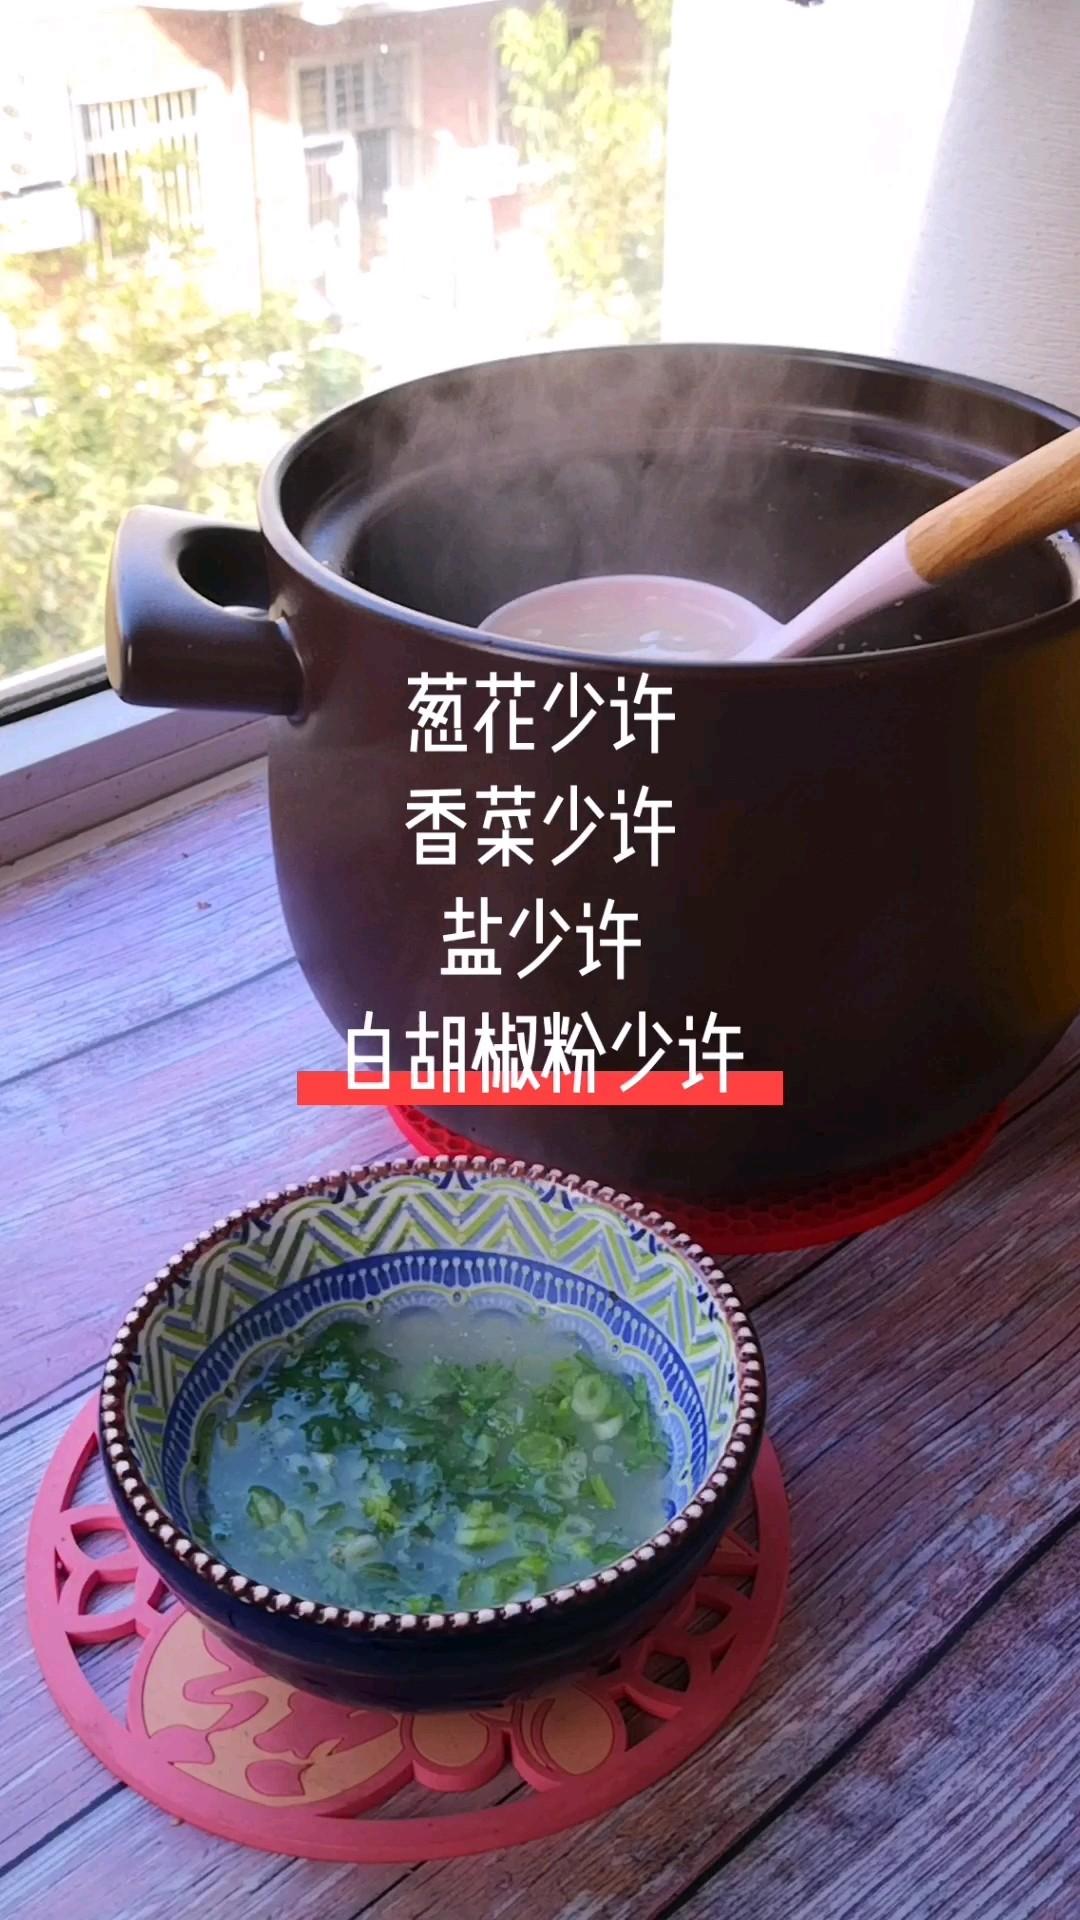 鲜美的黑鱼汤的简单做法